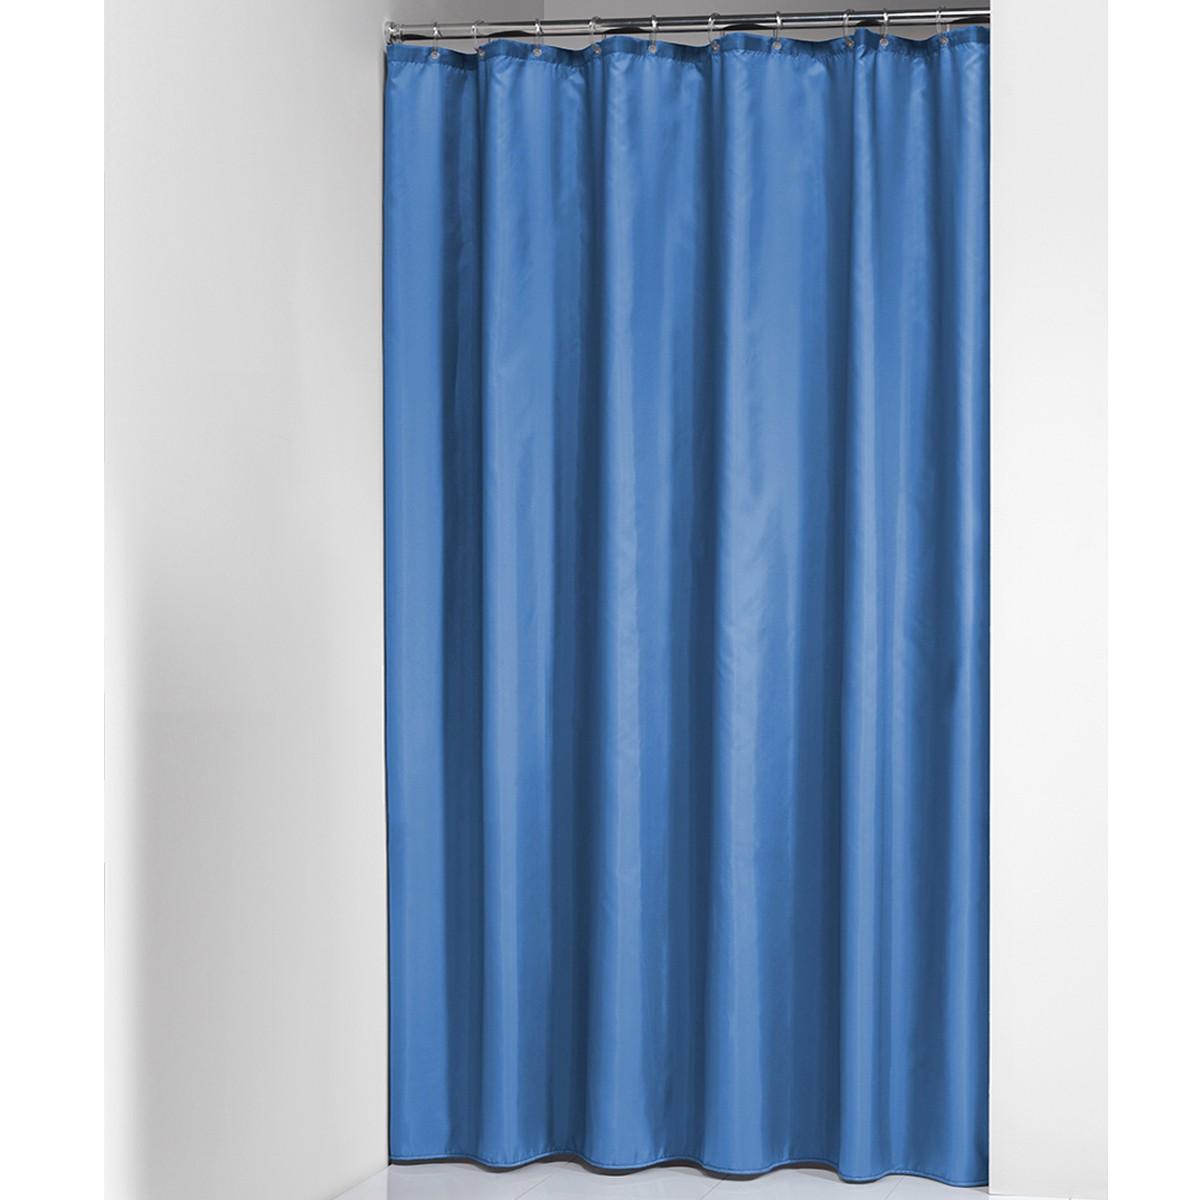 Κουρτίνα Μπάνιου (240x200) SealSkin Madeira Blue